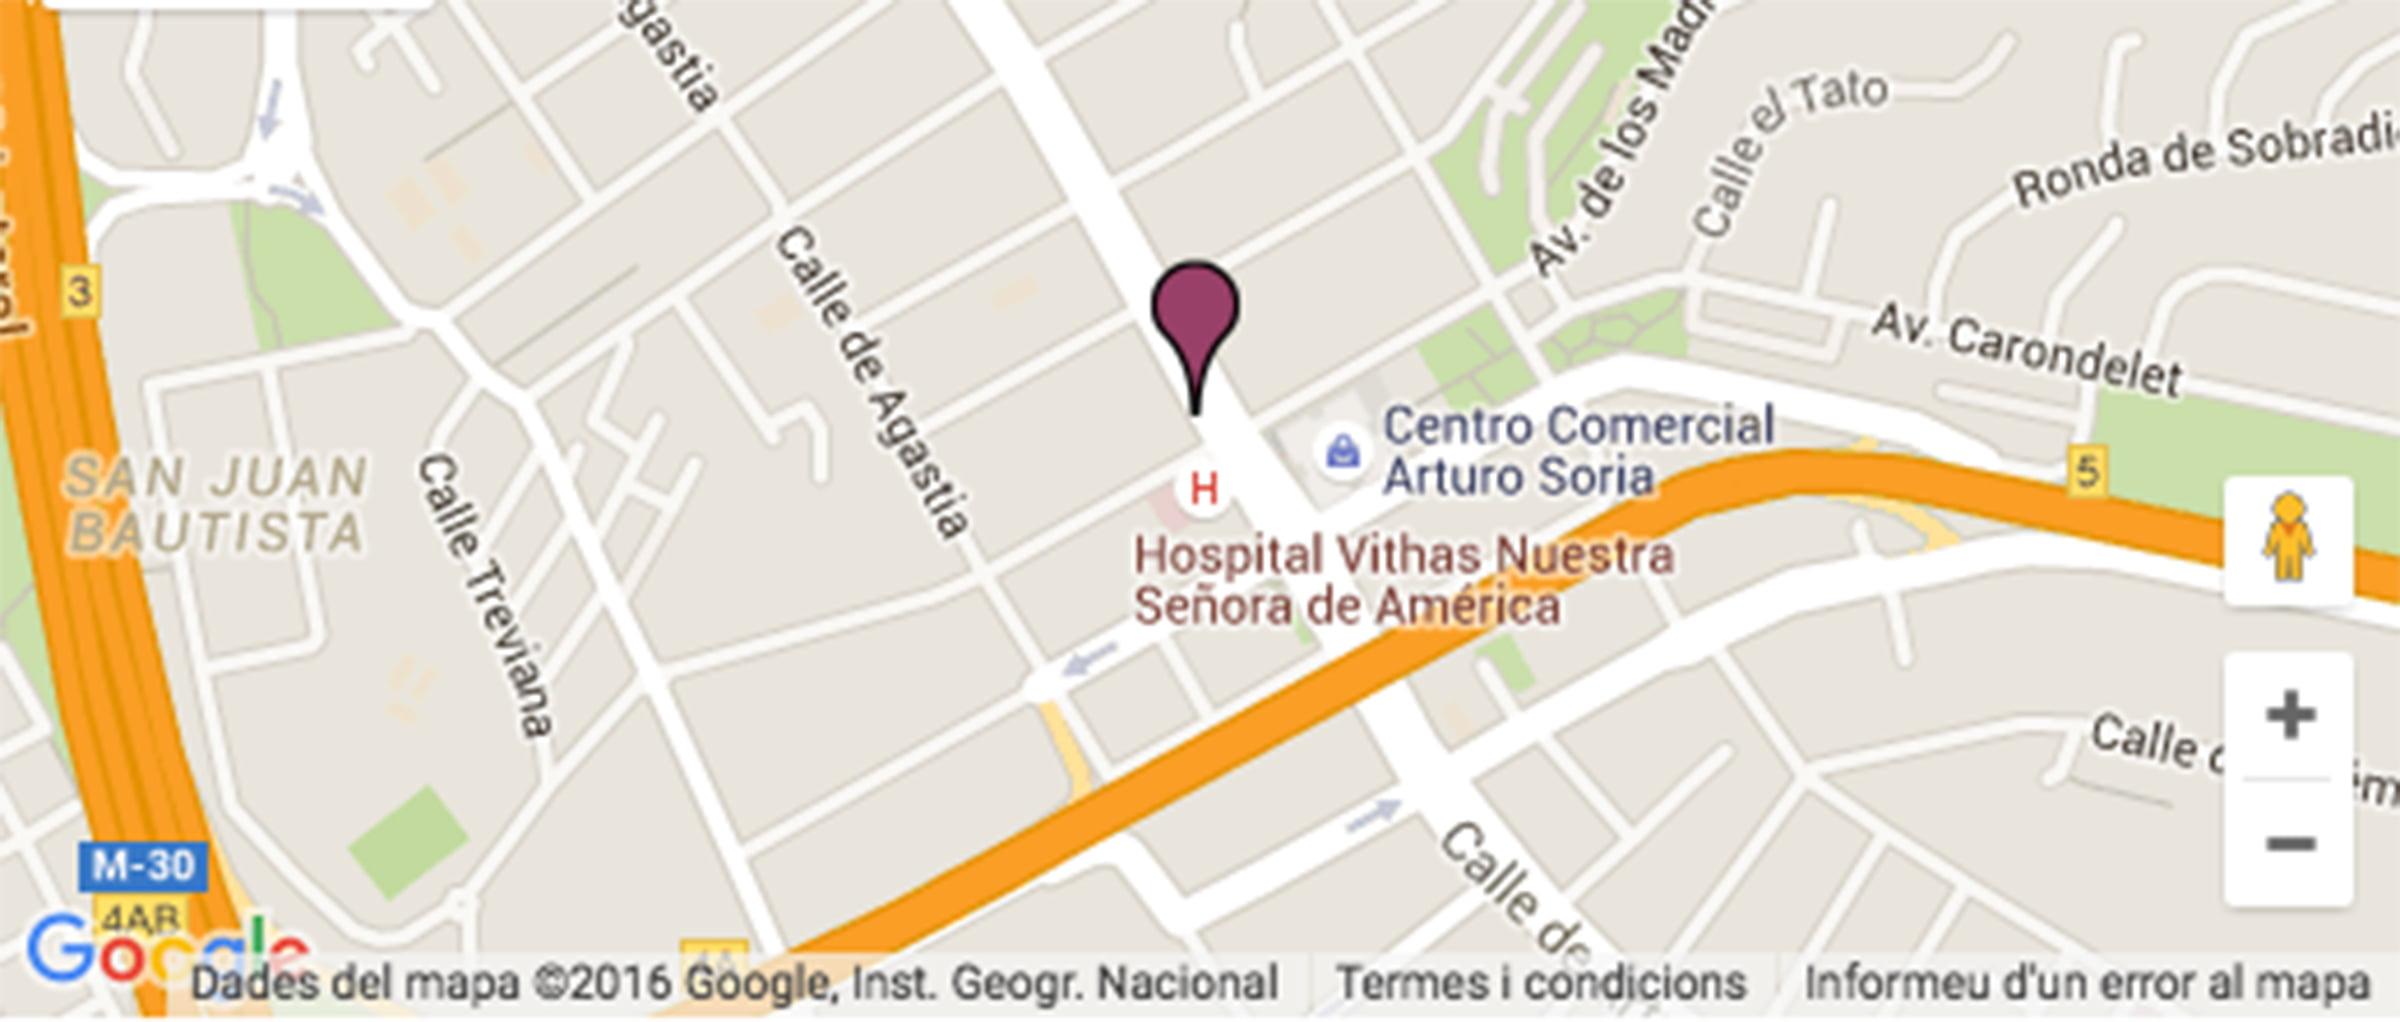 Hospital Vithas Nuestra Señora de América